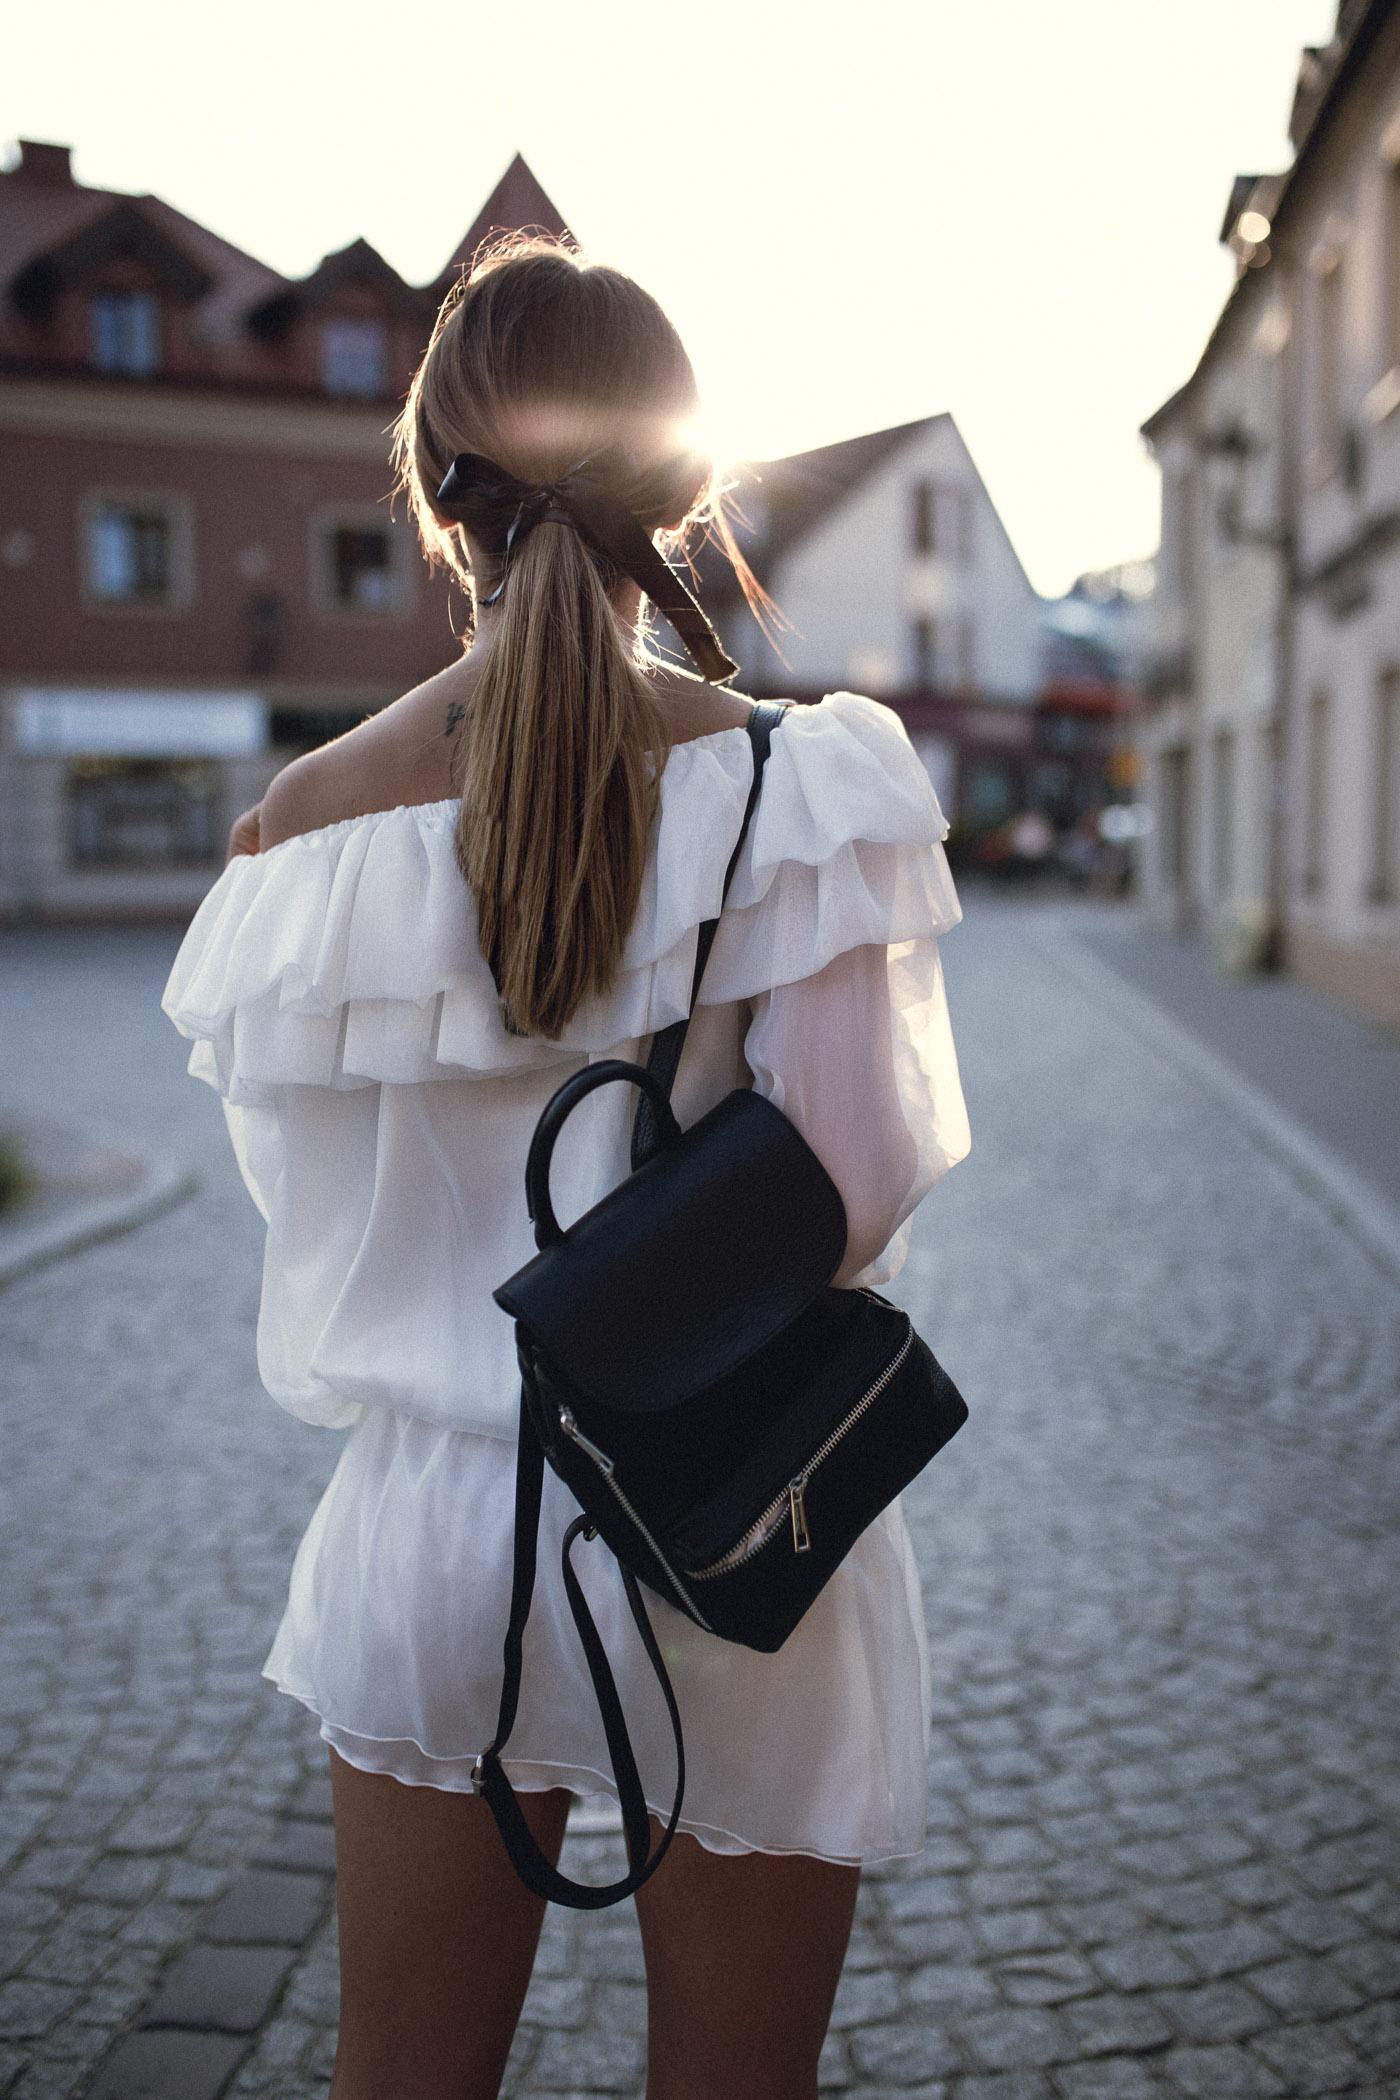 Sukienka Lavenoir, sukienka z jedwabiu, modna mama, plecak ryłko, Pszczyna